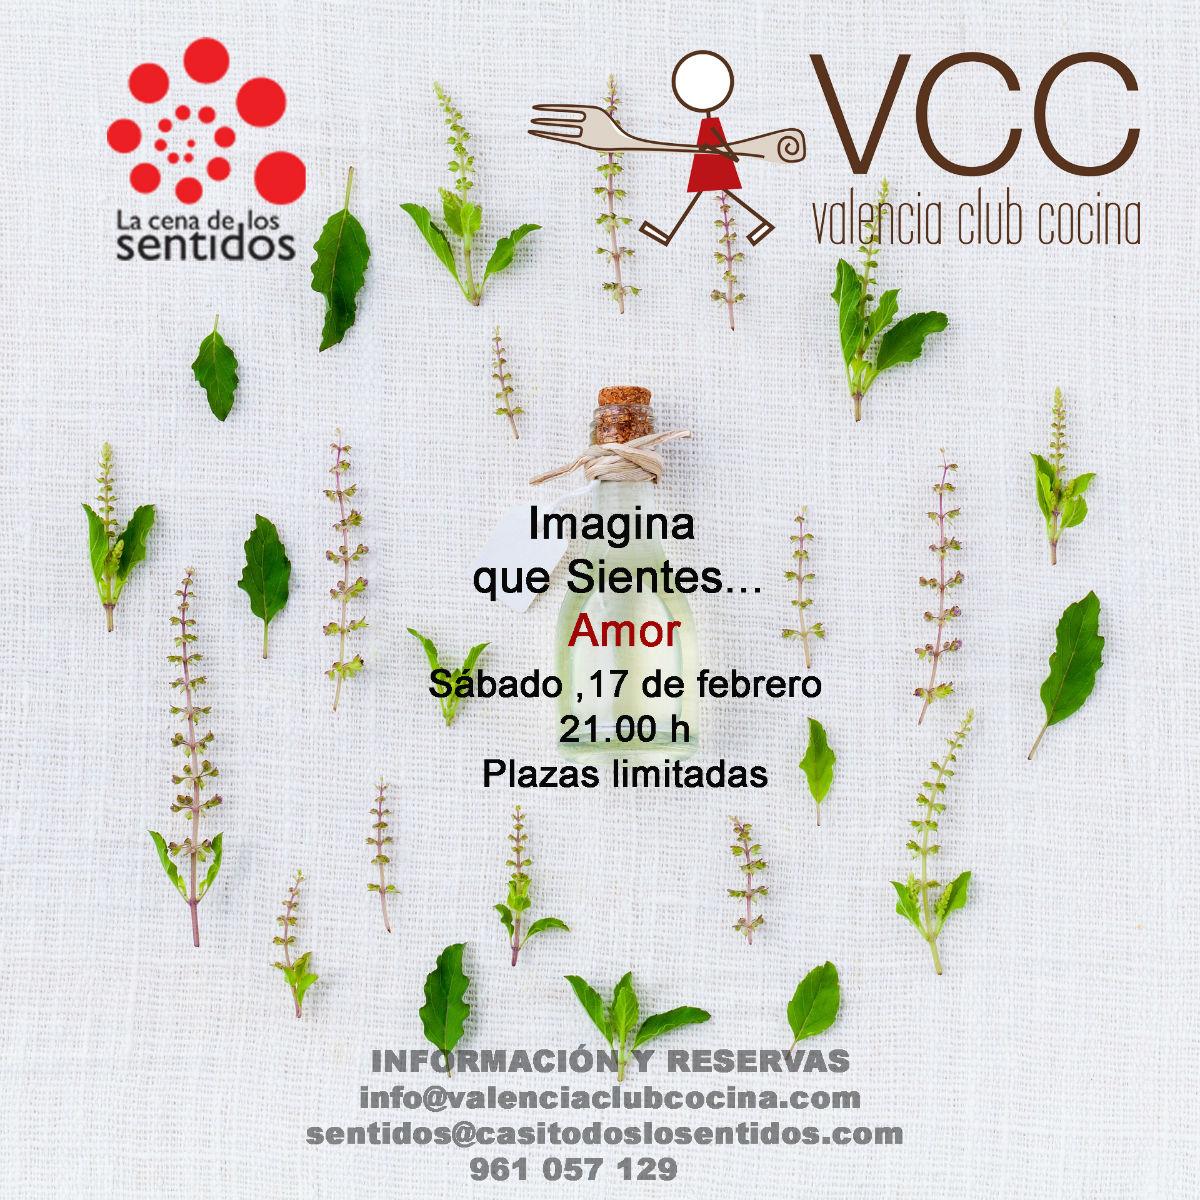 La cena de los sentidos en valencia club cocina - Valencia club de cocina ...